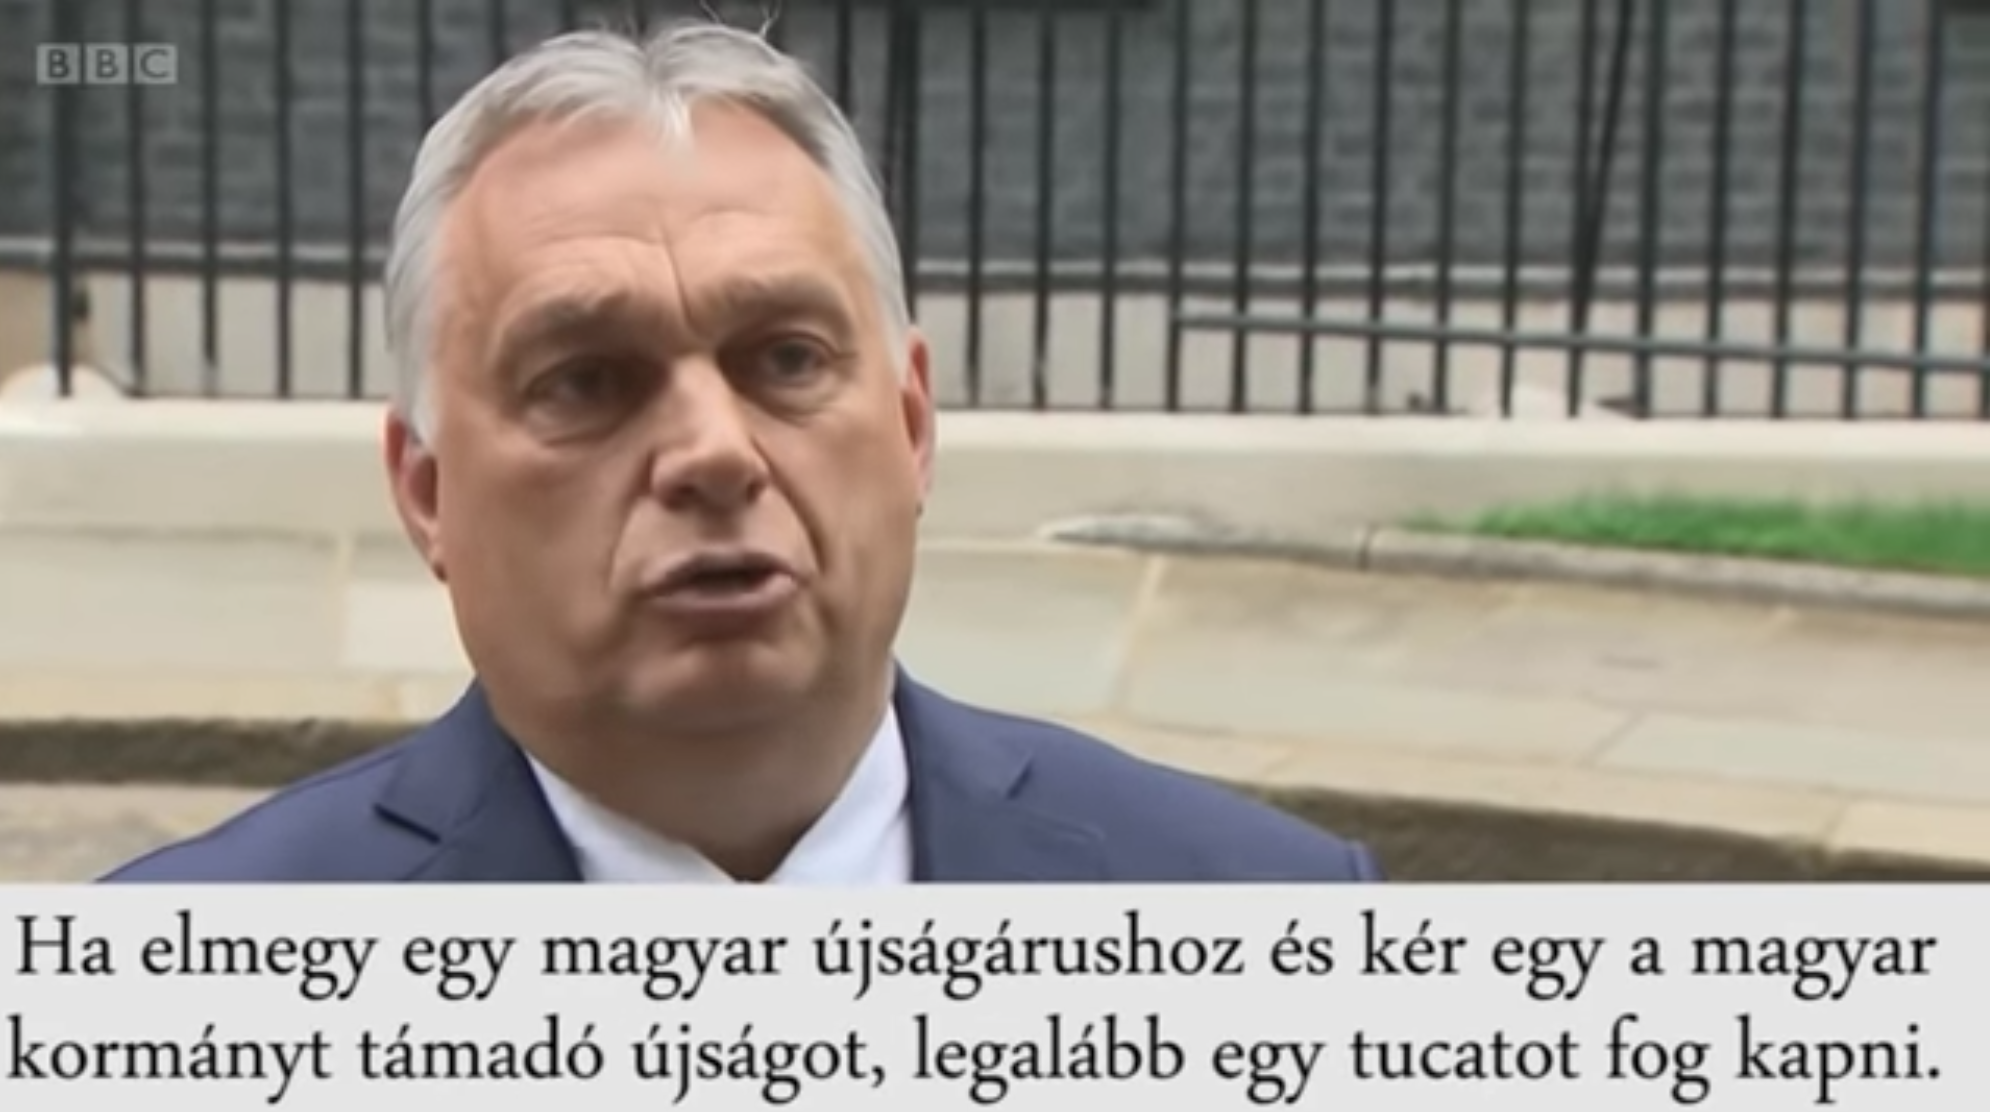 Orbán a brit újságíróknak: Jöjjenek el, nézzék meg, nálunk a sajtó szabad